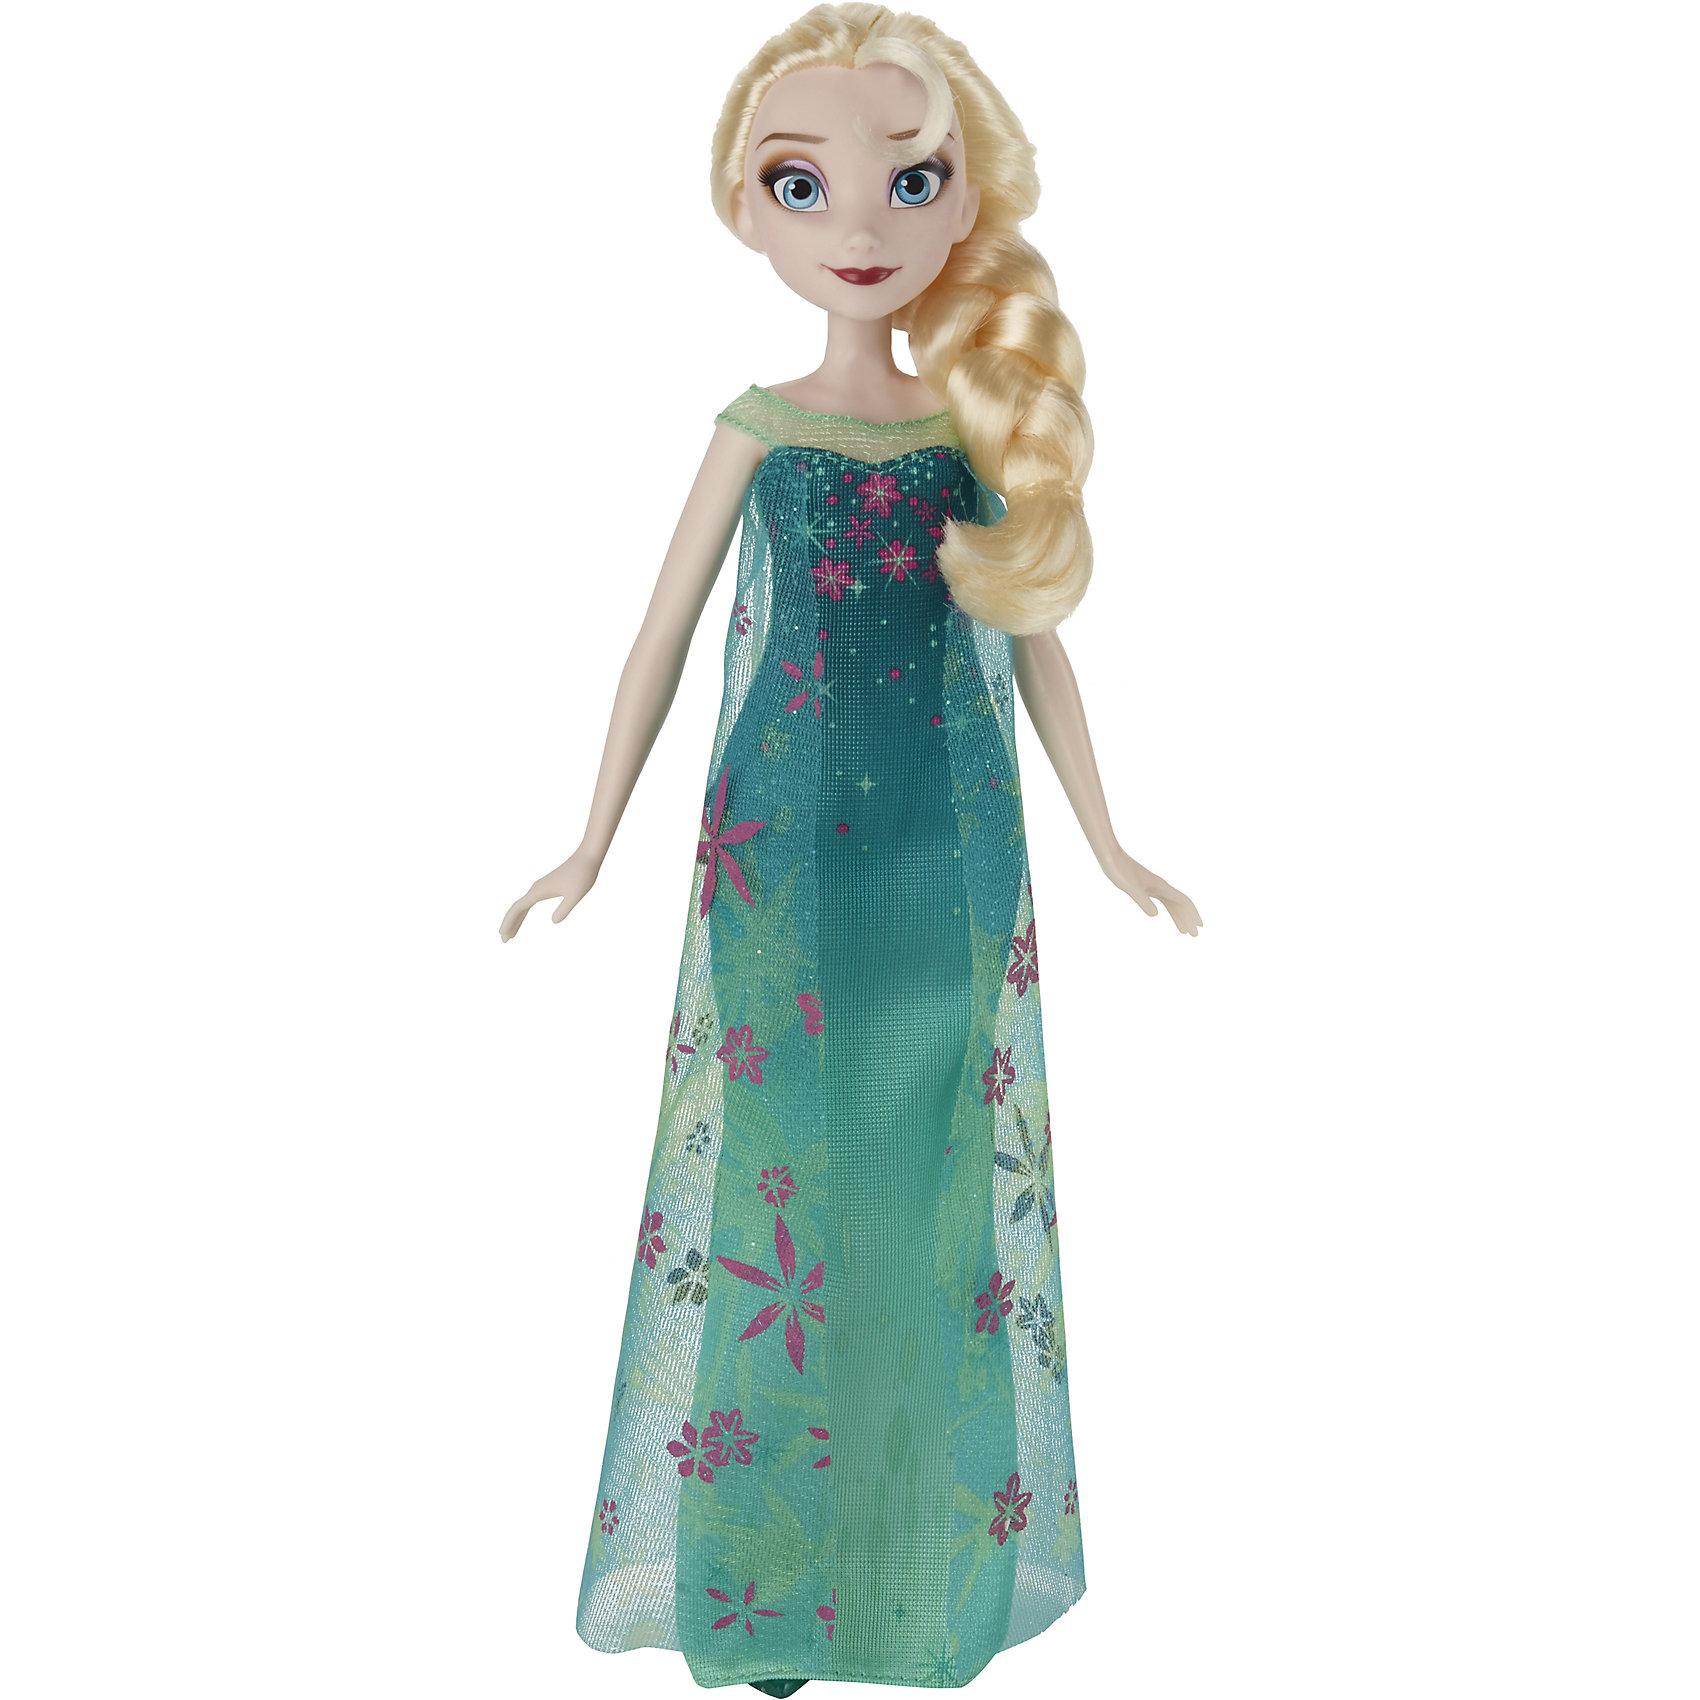 Кукла Холодное СердцеКуклыё по минимальной цене. Эльза высотой 28см и Анна высотой 26см одеты в детализированные  наряды из короткометражки  Frozen Fever (Холодное торжество).У каждой куклы 5 точек артикуляции, наряды, которые можно снимать и надевать, обувь и уникальный аксессуар для волос.<br><br>Ширина мм: 51<br>Глубина мм: 152<br>Высота мм: 356<br>Вес г: 156<br>Возраст от месяцев: 36<br>Возраст до месяцев: 144<br>Пол: Женский<br>Возраст: Детский<br>SKU: 4874325